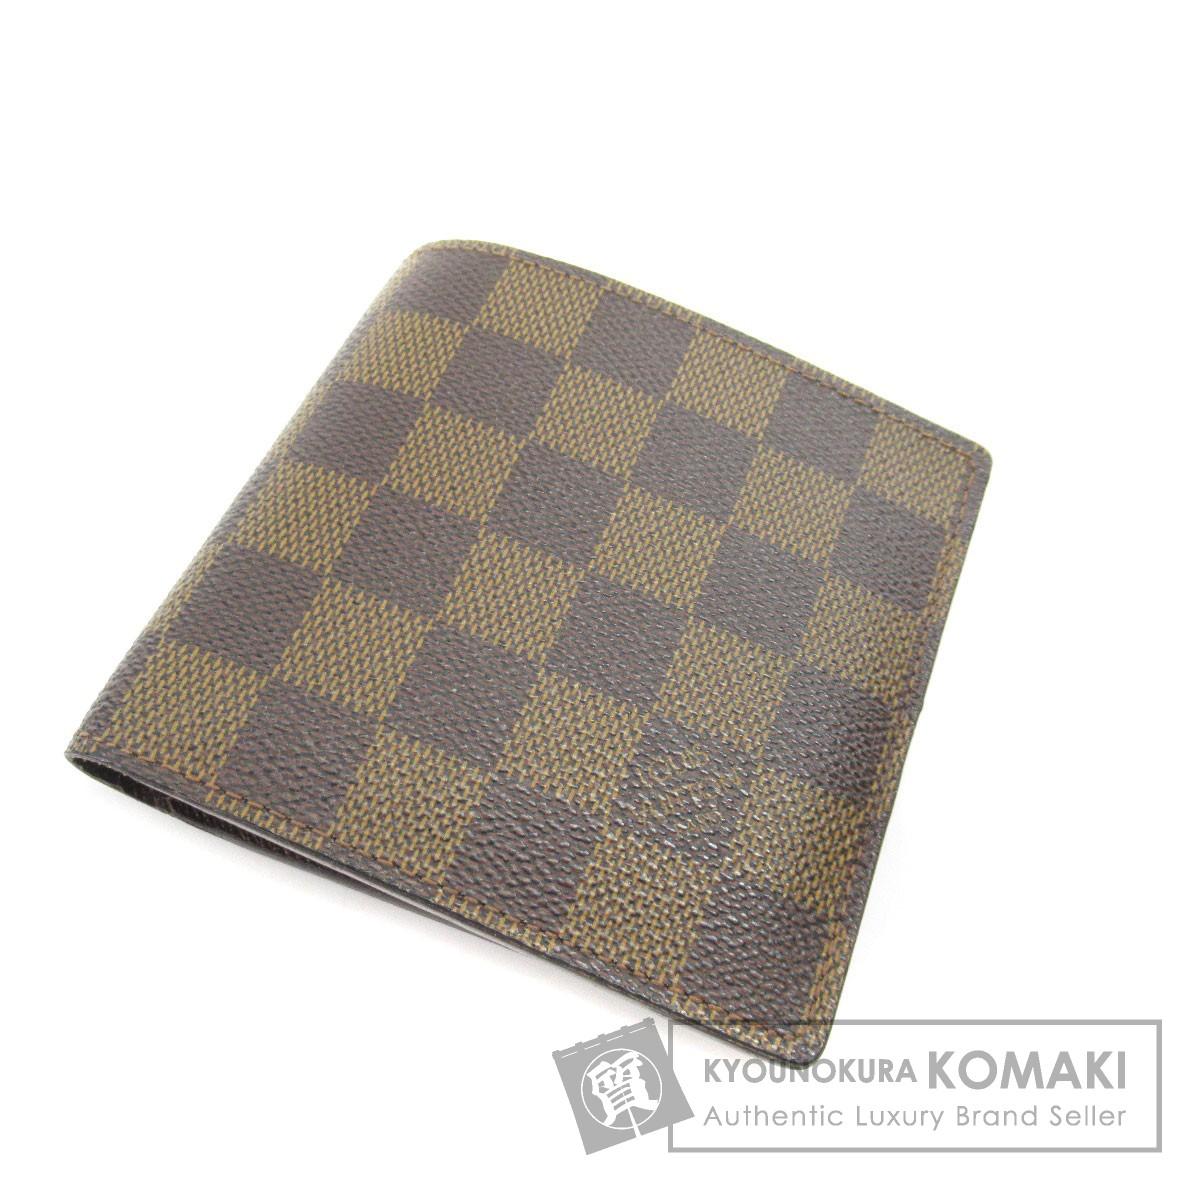 LOUIS VUITTON N61675 ポルトフォイユ・マルコ 二つ折り財布(小銭入れあり) ダミエキャンバス メンズ 【中古】【ルイ・ヴィトン】